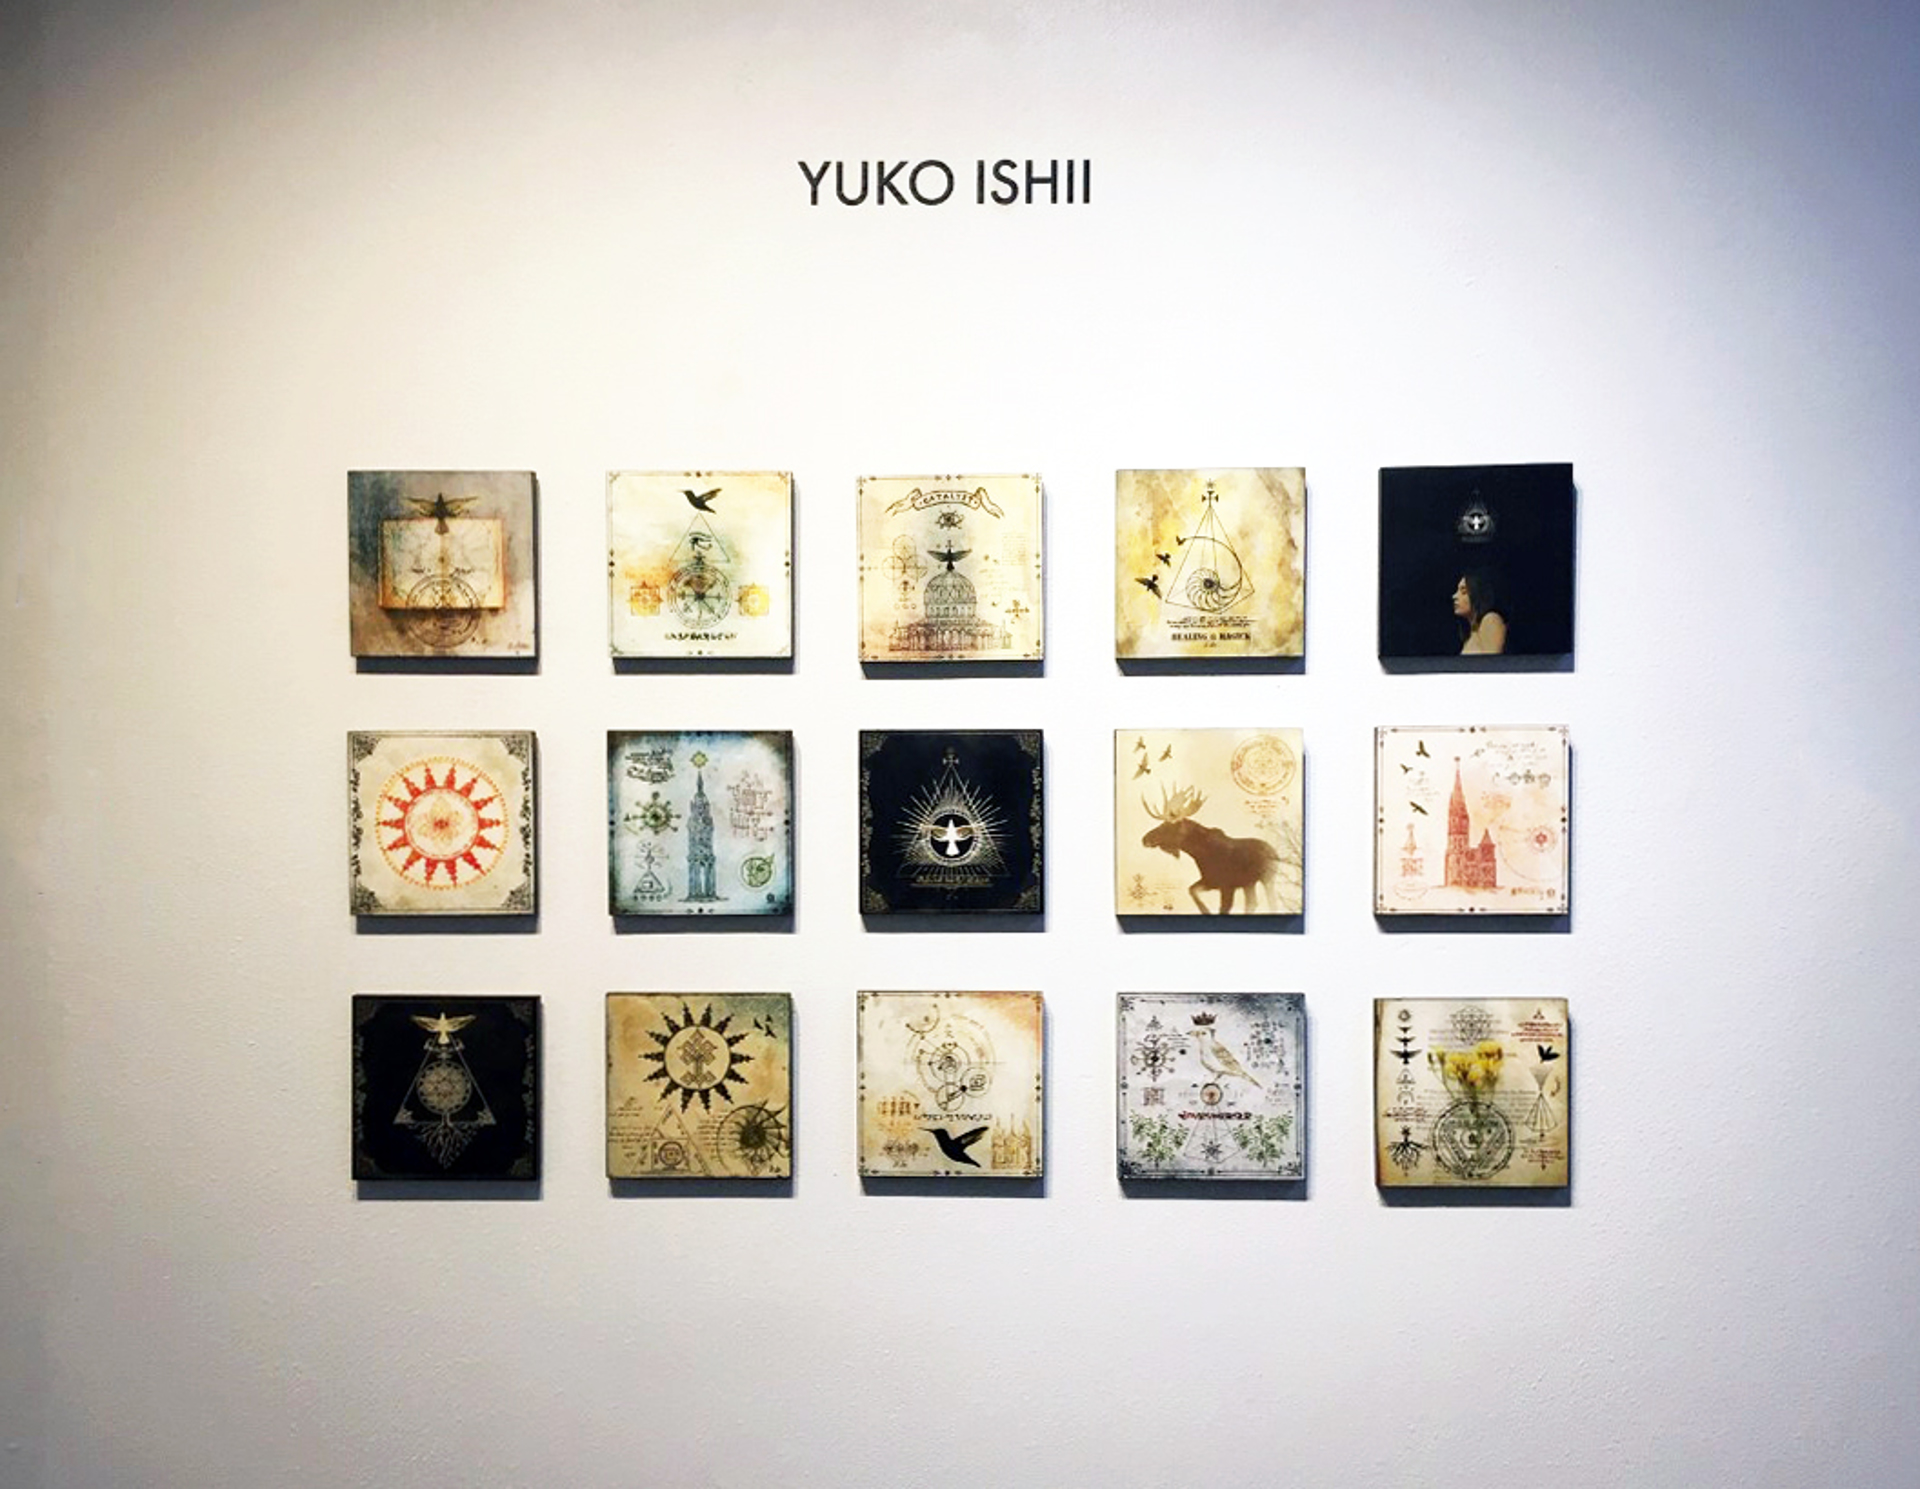 Supersonic by Yuko Ishii